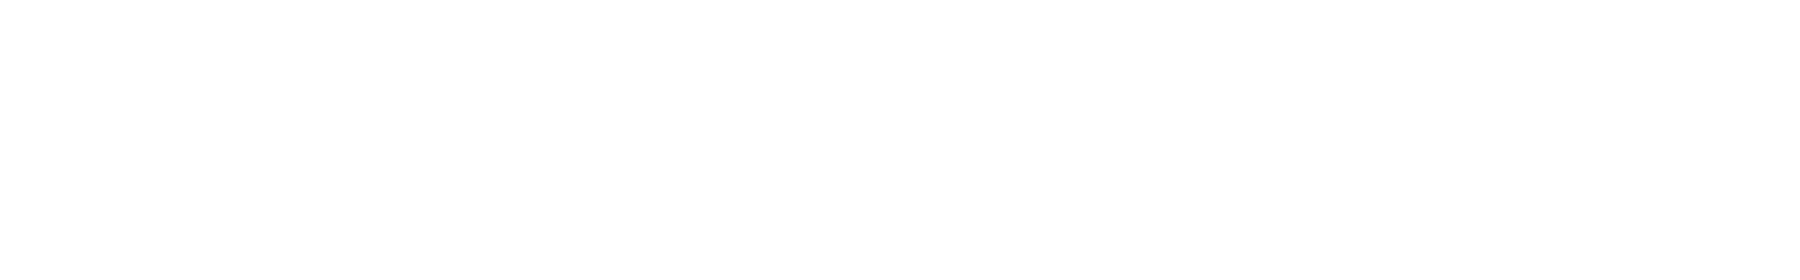 bluezone xworld sound 104